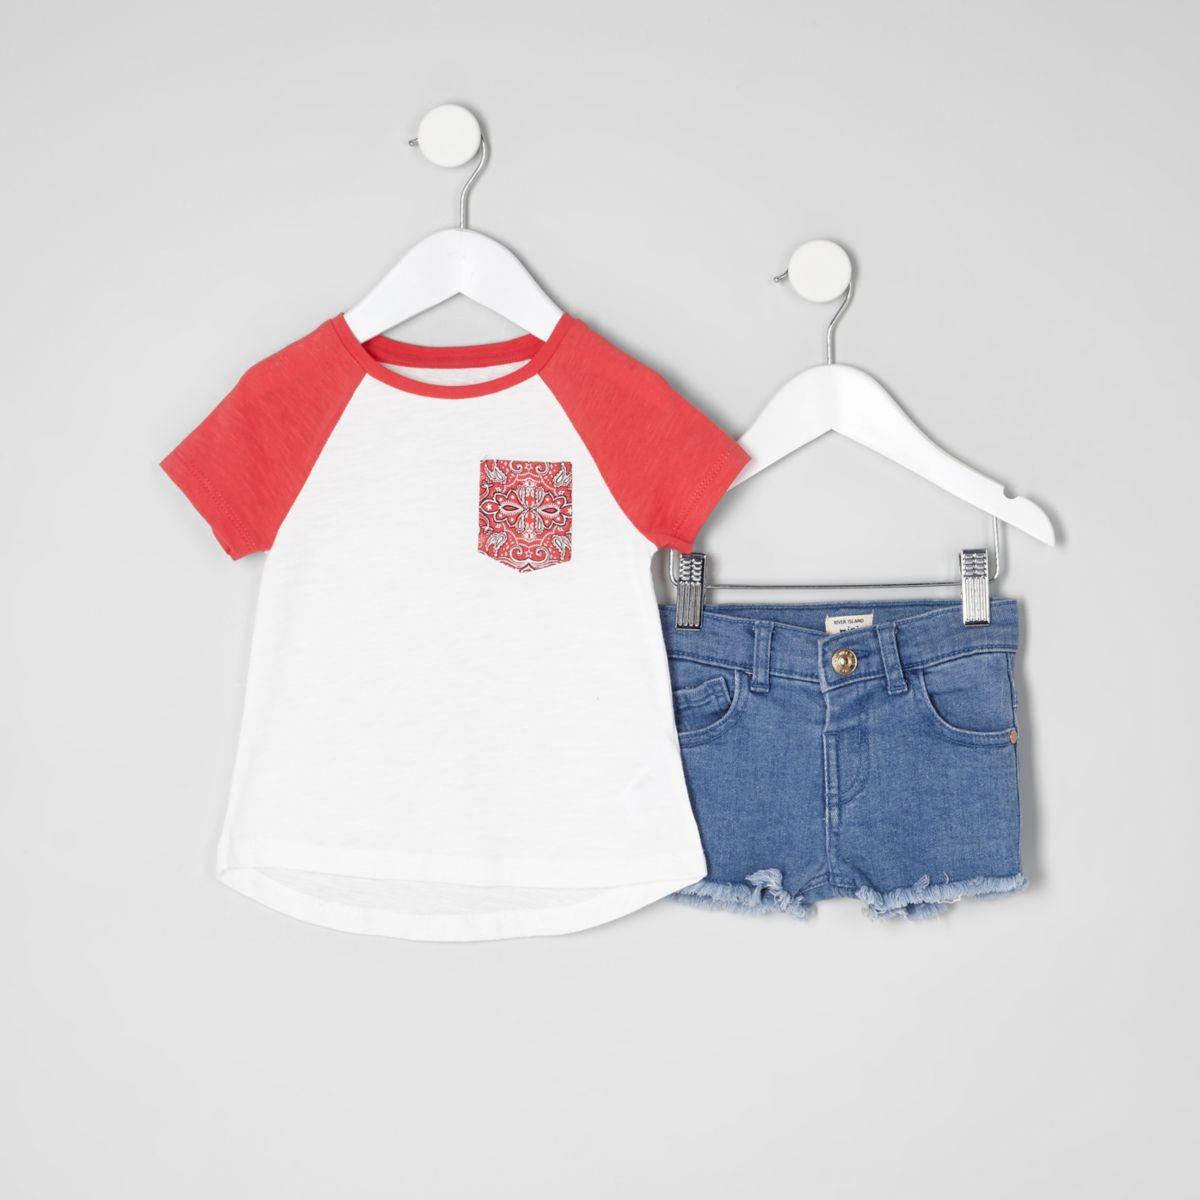 Ensemble avec t-shirt imprimé bandana rouge à poche pour mini fille